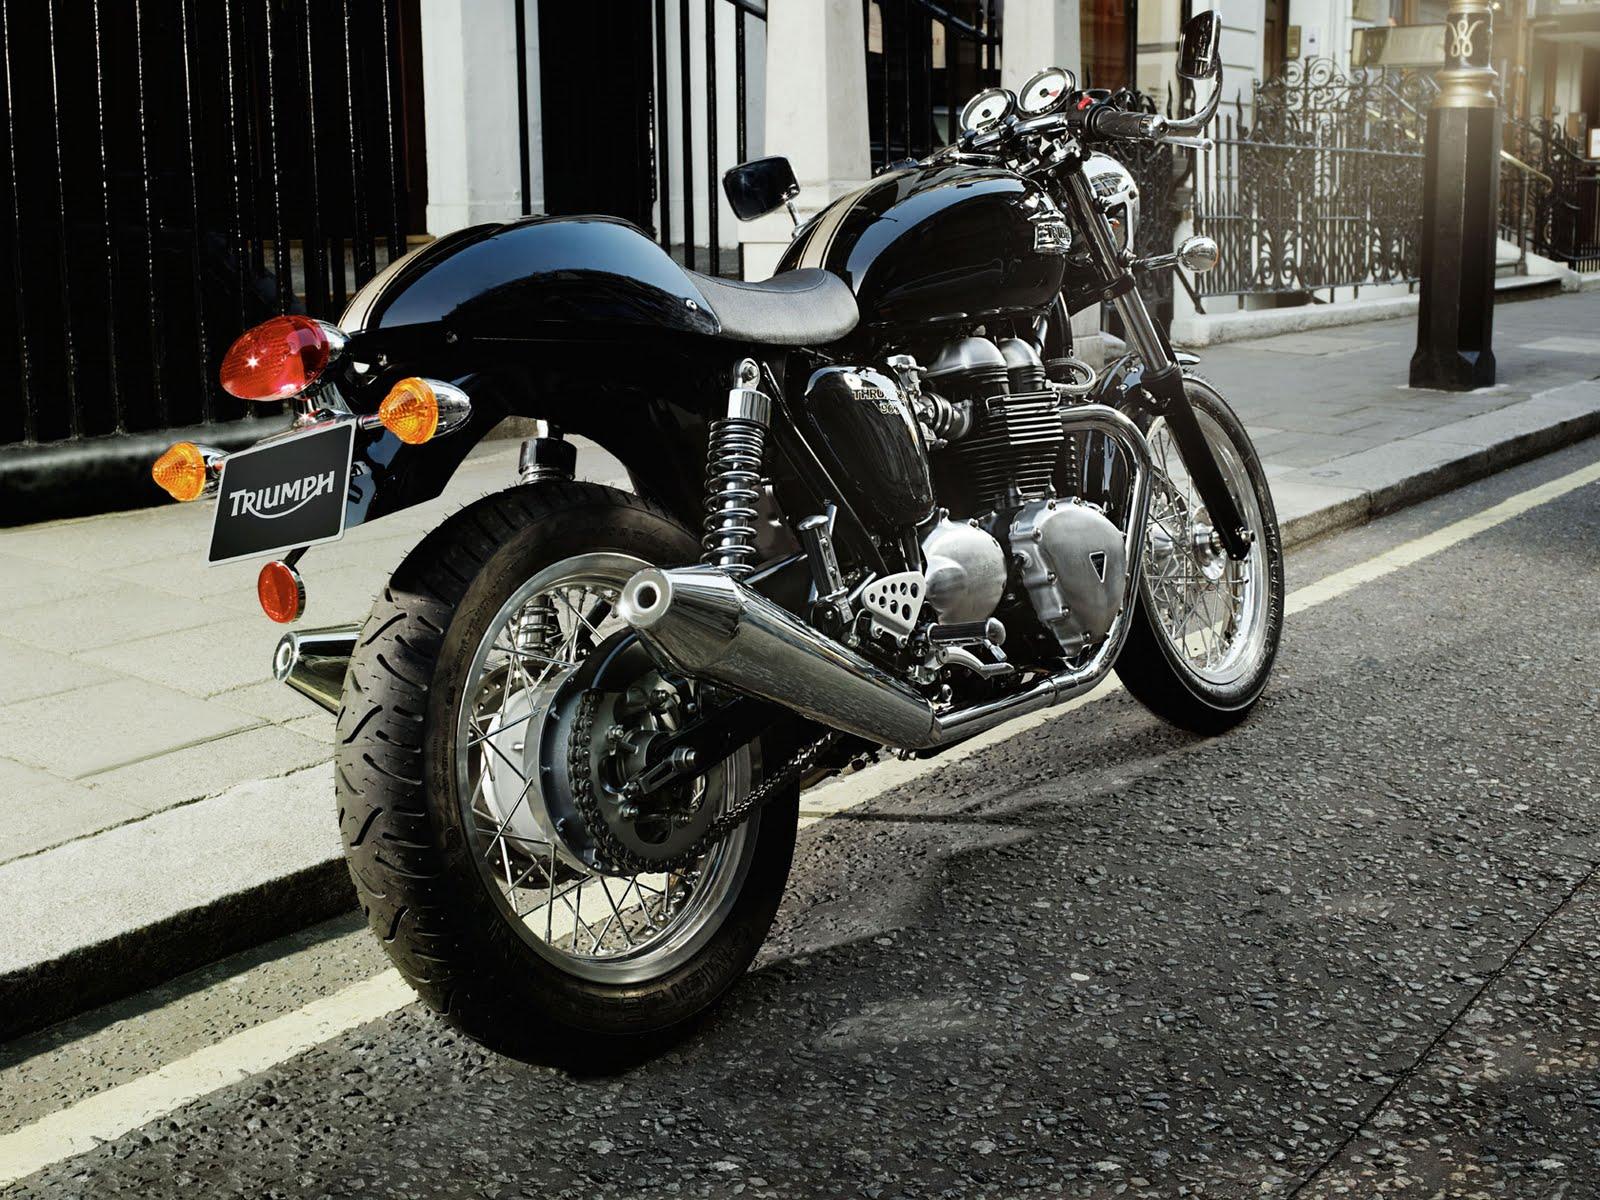 http://1.bp.blogspot.com/_YRPky_unmWw/S7nyrIUVeWI/AAAAAAAABcw/Rn05nrZ66KU/s1600/2010+Triumph+Thruxton.jpg